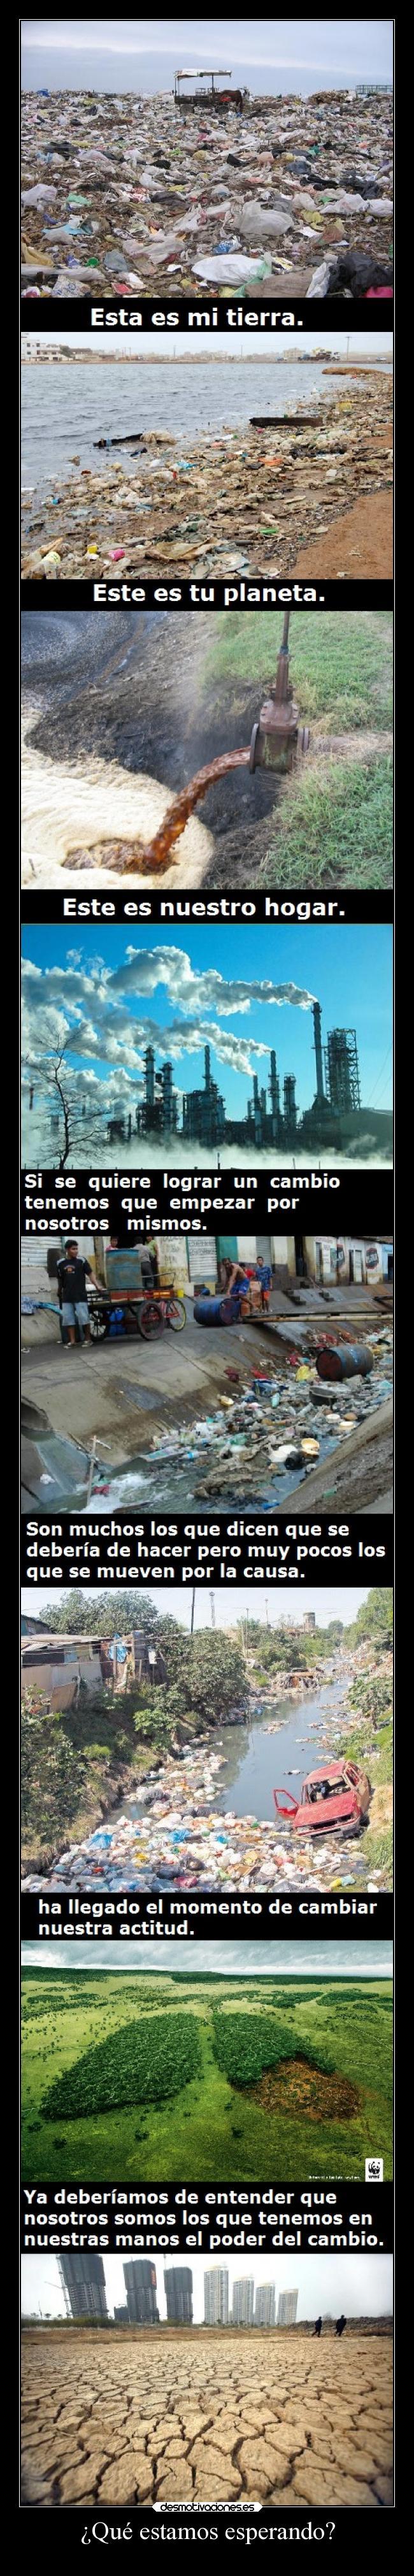 carteles calentamiento global deforestacion contaminacion ambiental todo nuestra culpa tenemos que cambiar desmotivaciones